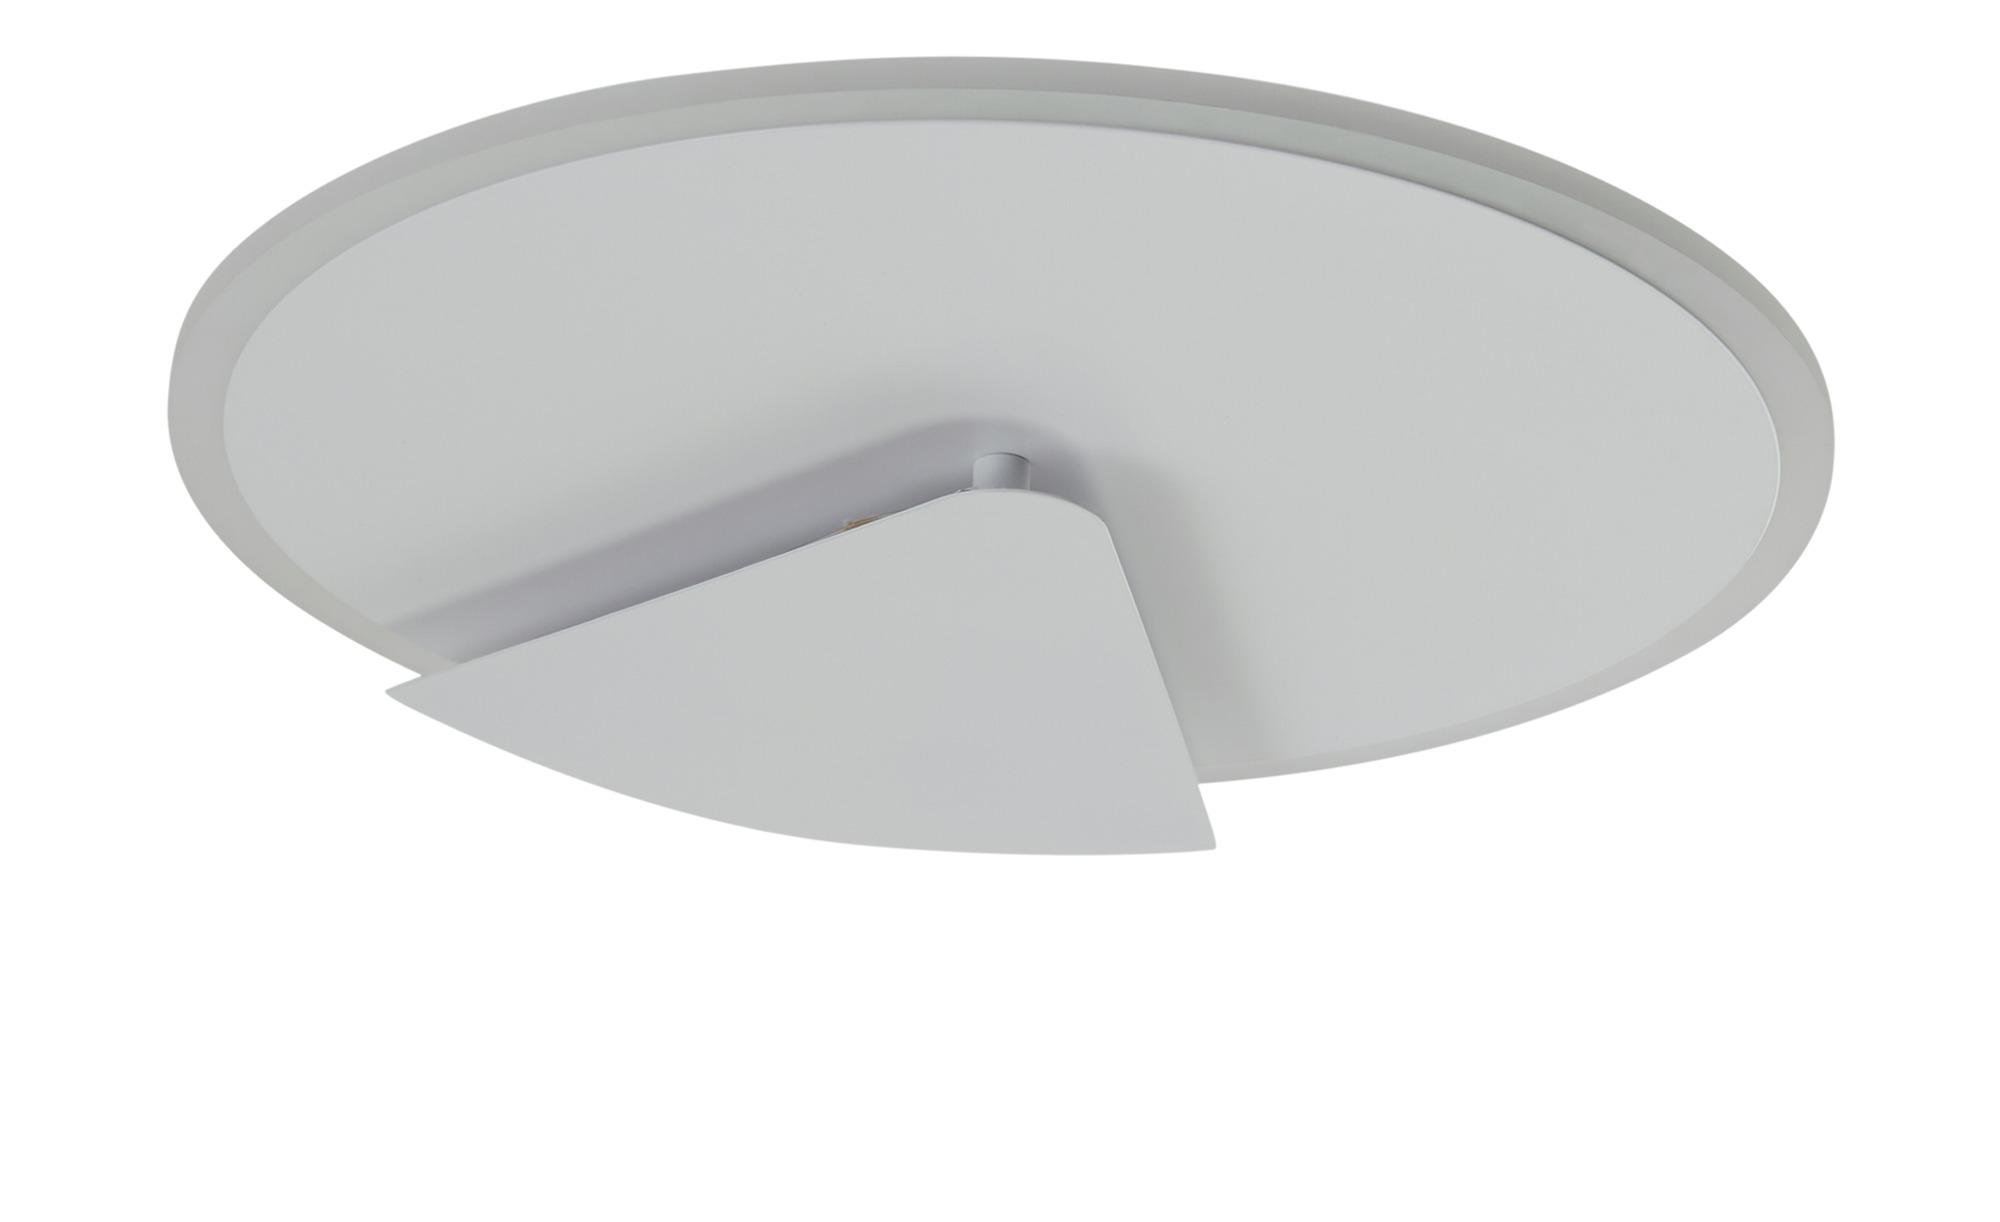 KHG LED-Deckenleuchte, 1-flammig, weiß ¦ weiß ¦ Maße (cm): H: 5,5 Ø: 38 Lampen & Leuchten > Innenleuchten > Deckenleuchten - Höffner